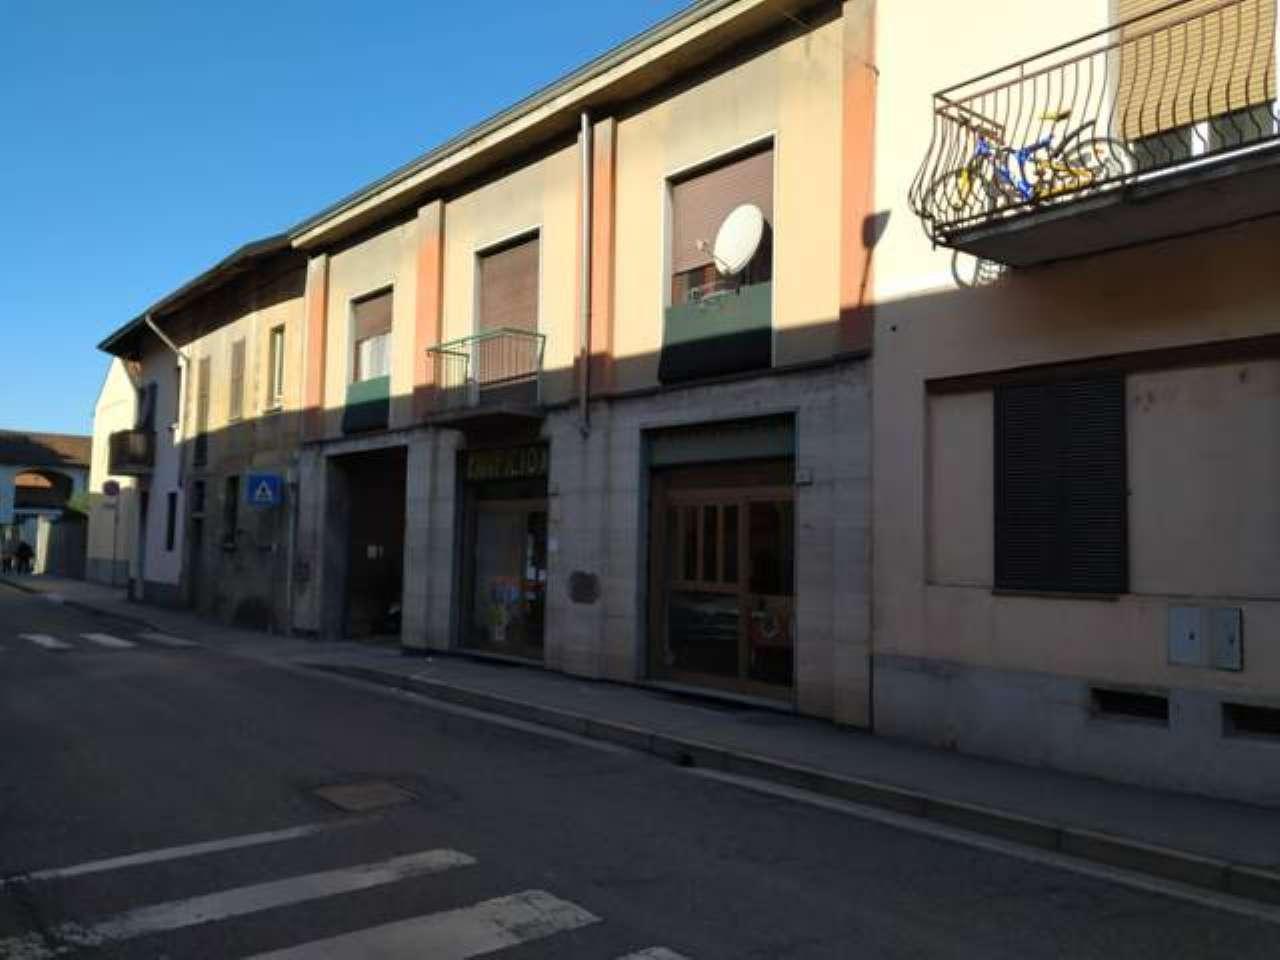 Attività / Licenza in vendita a Rho, 4 locali, prezzo € 15.000 | CambioCasa.it